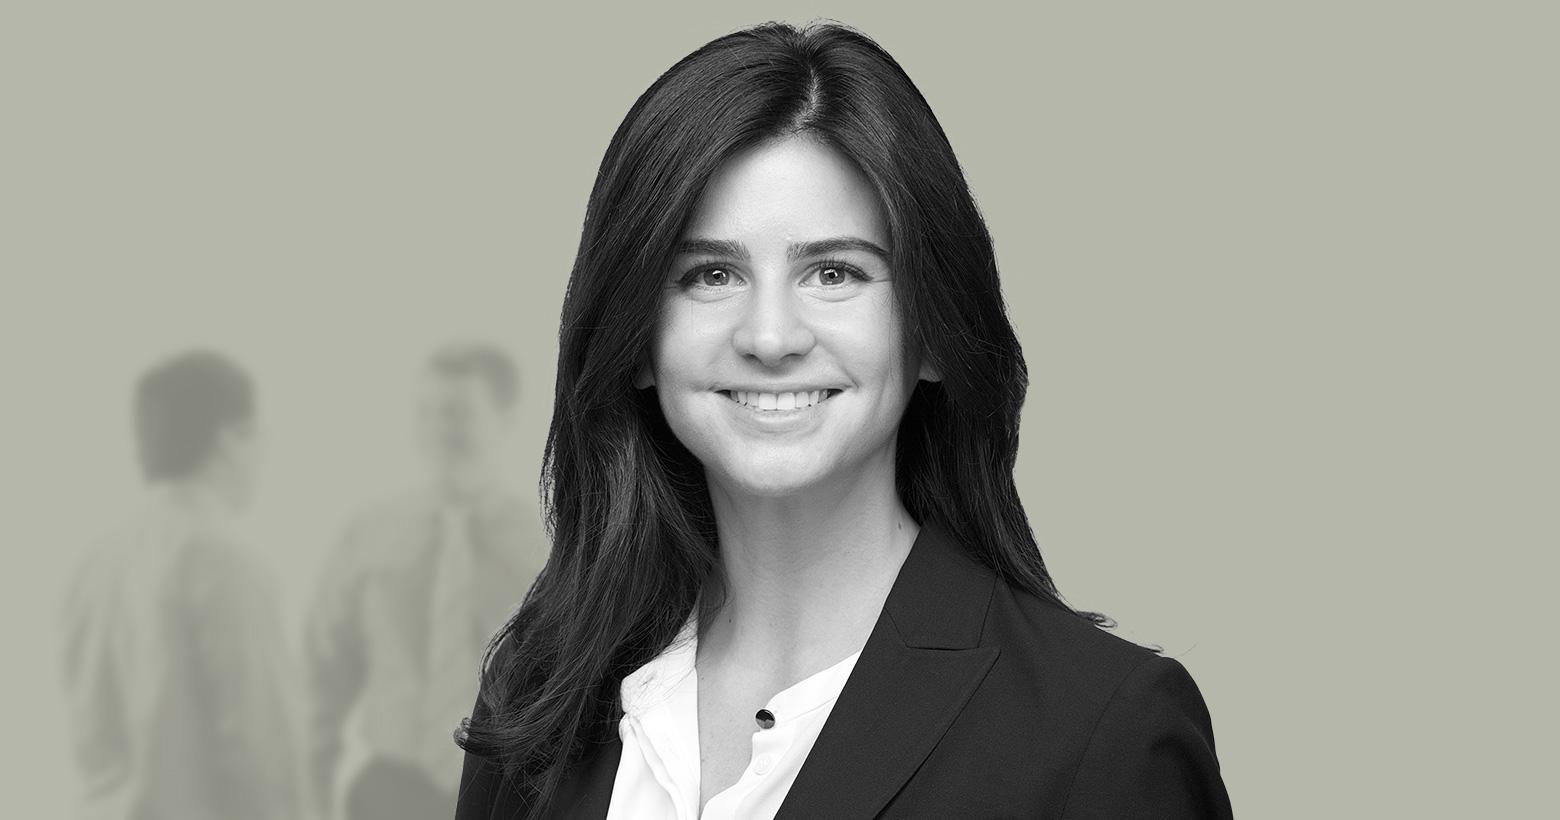 Elise A. Quinones